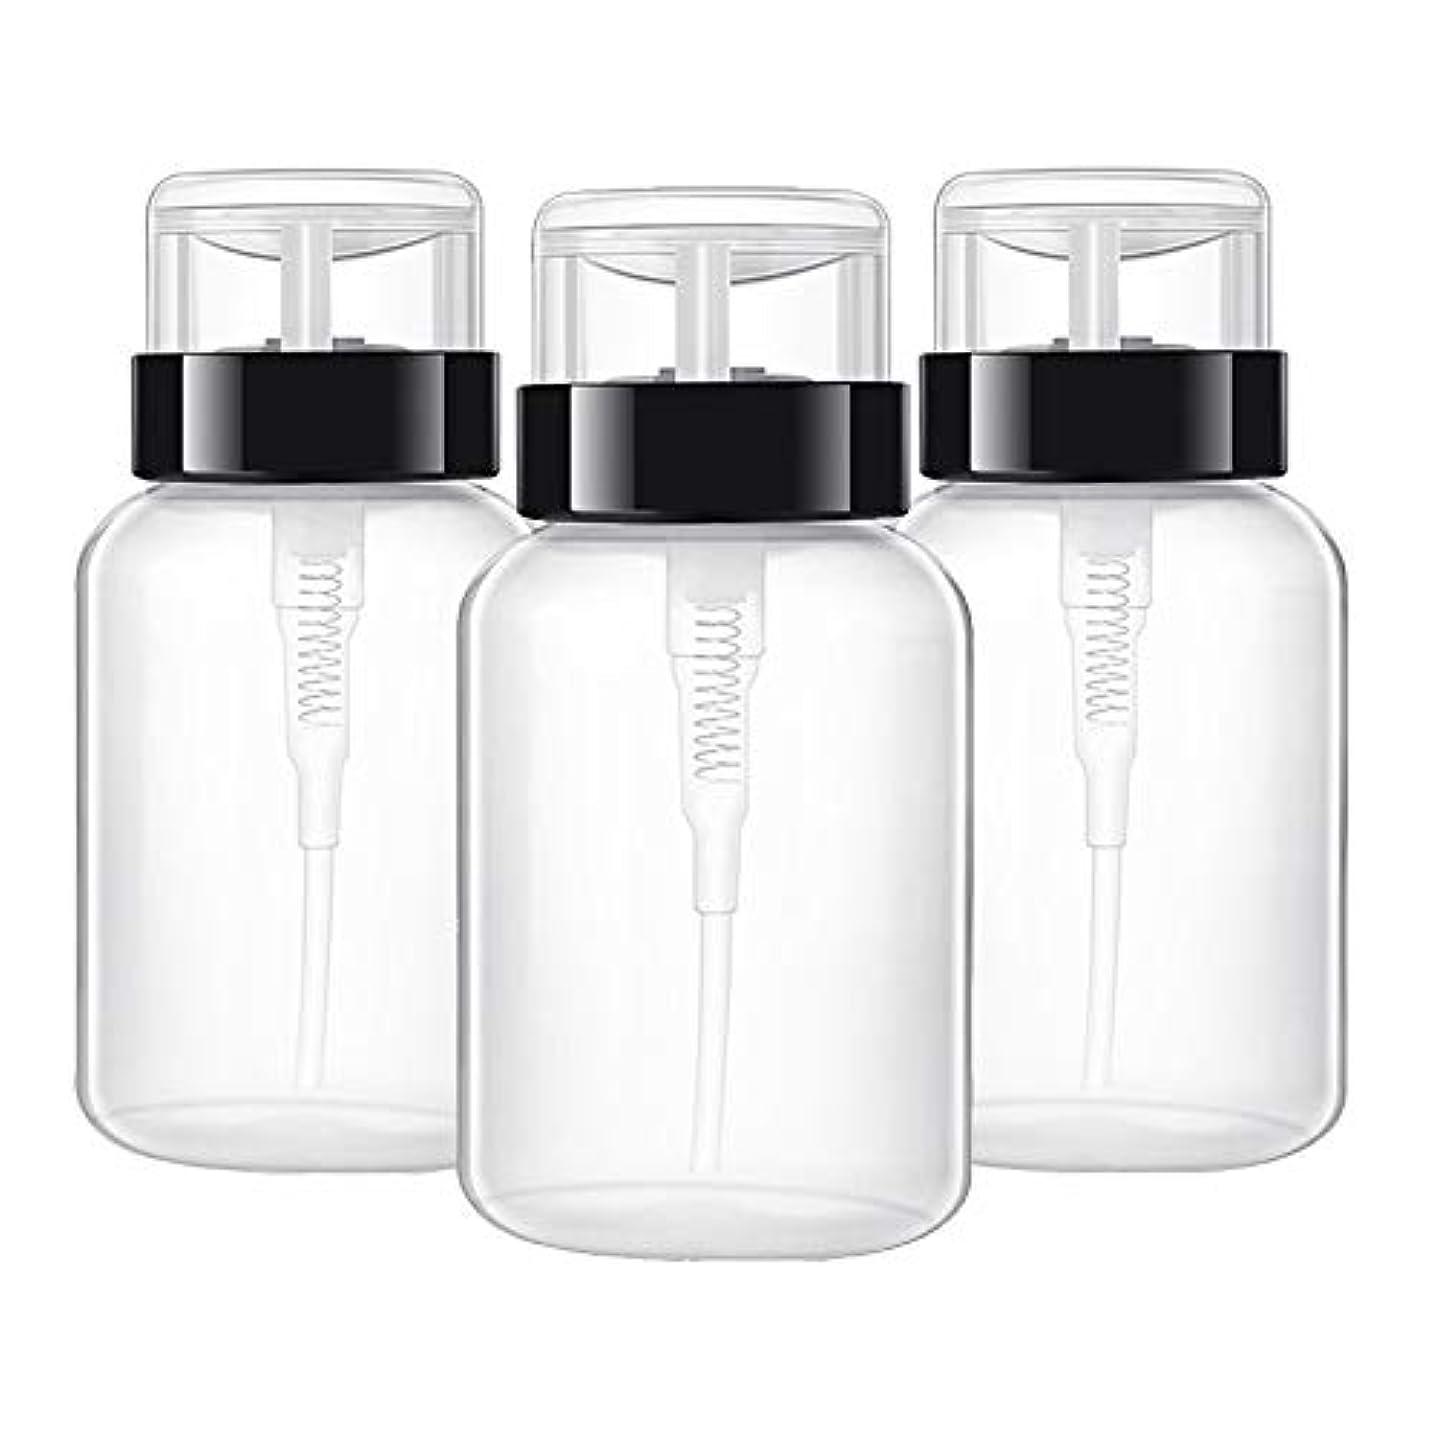 気候の山人質マニキュアツールツール 空ポンプ ボトル ネイルクリーナーボトル ポンプディスペンサー ジェルクリーナー 200ミリリットル 3ピース